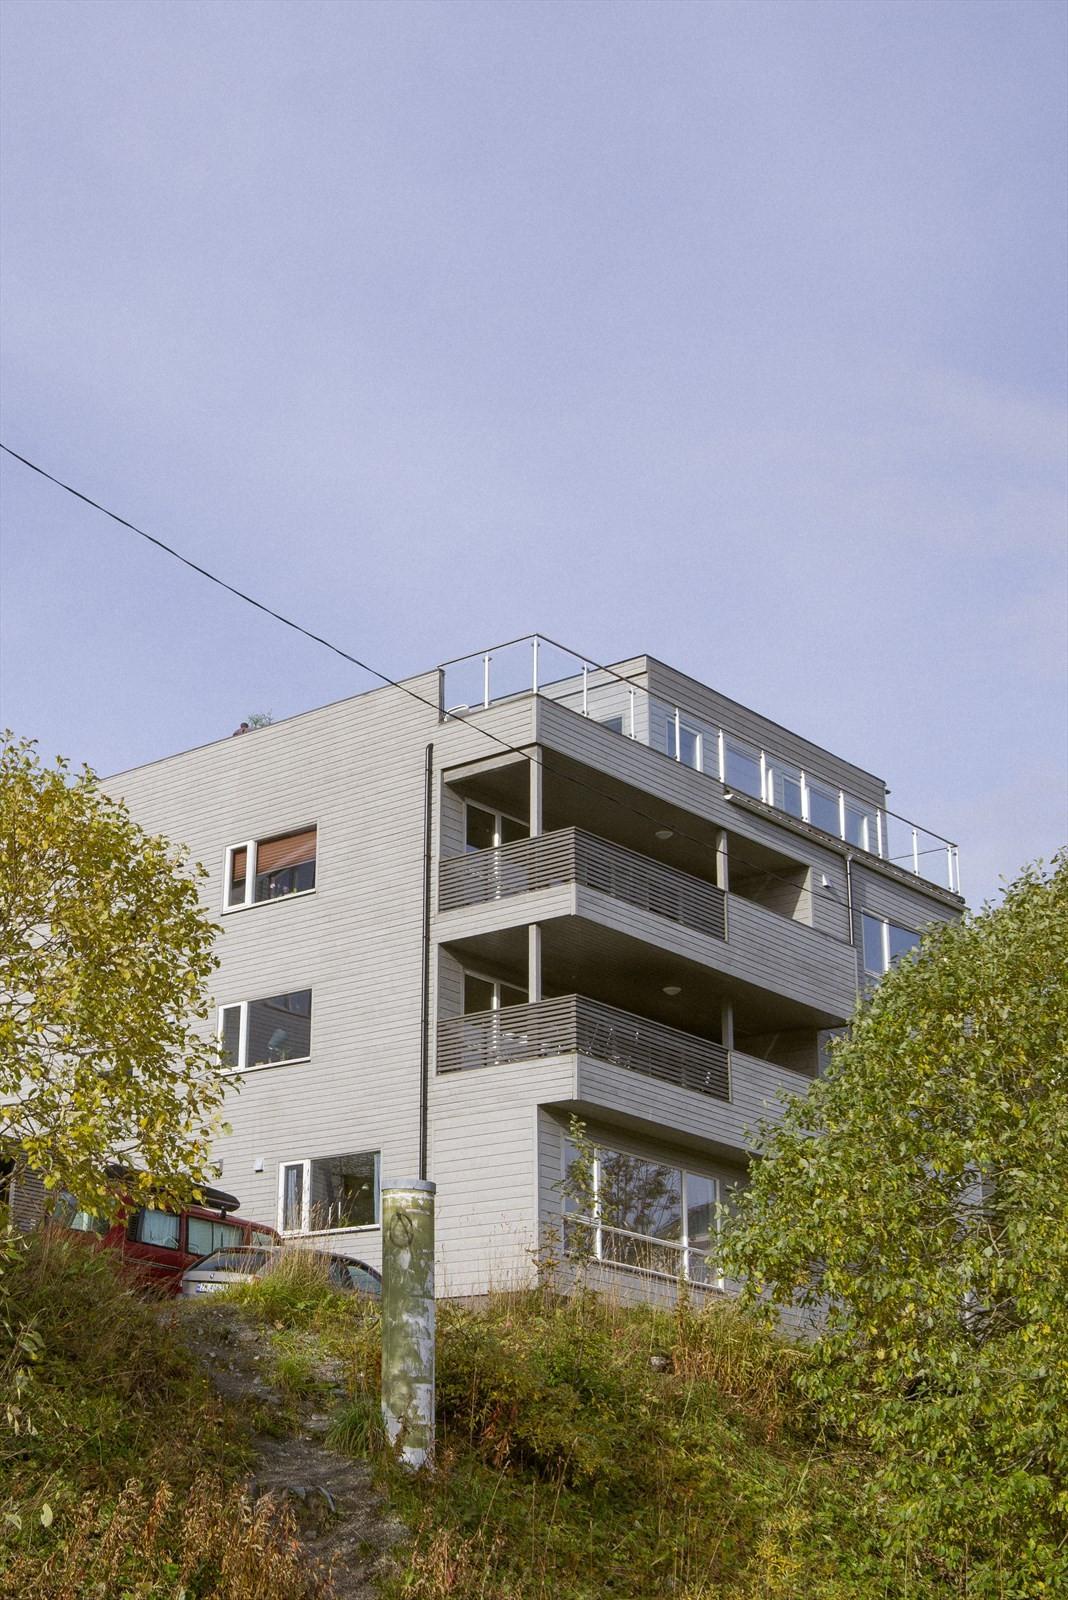 Bygget er fra 2008 og ligger avskjermet til i rolige Parkgata